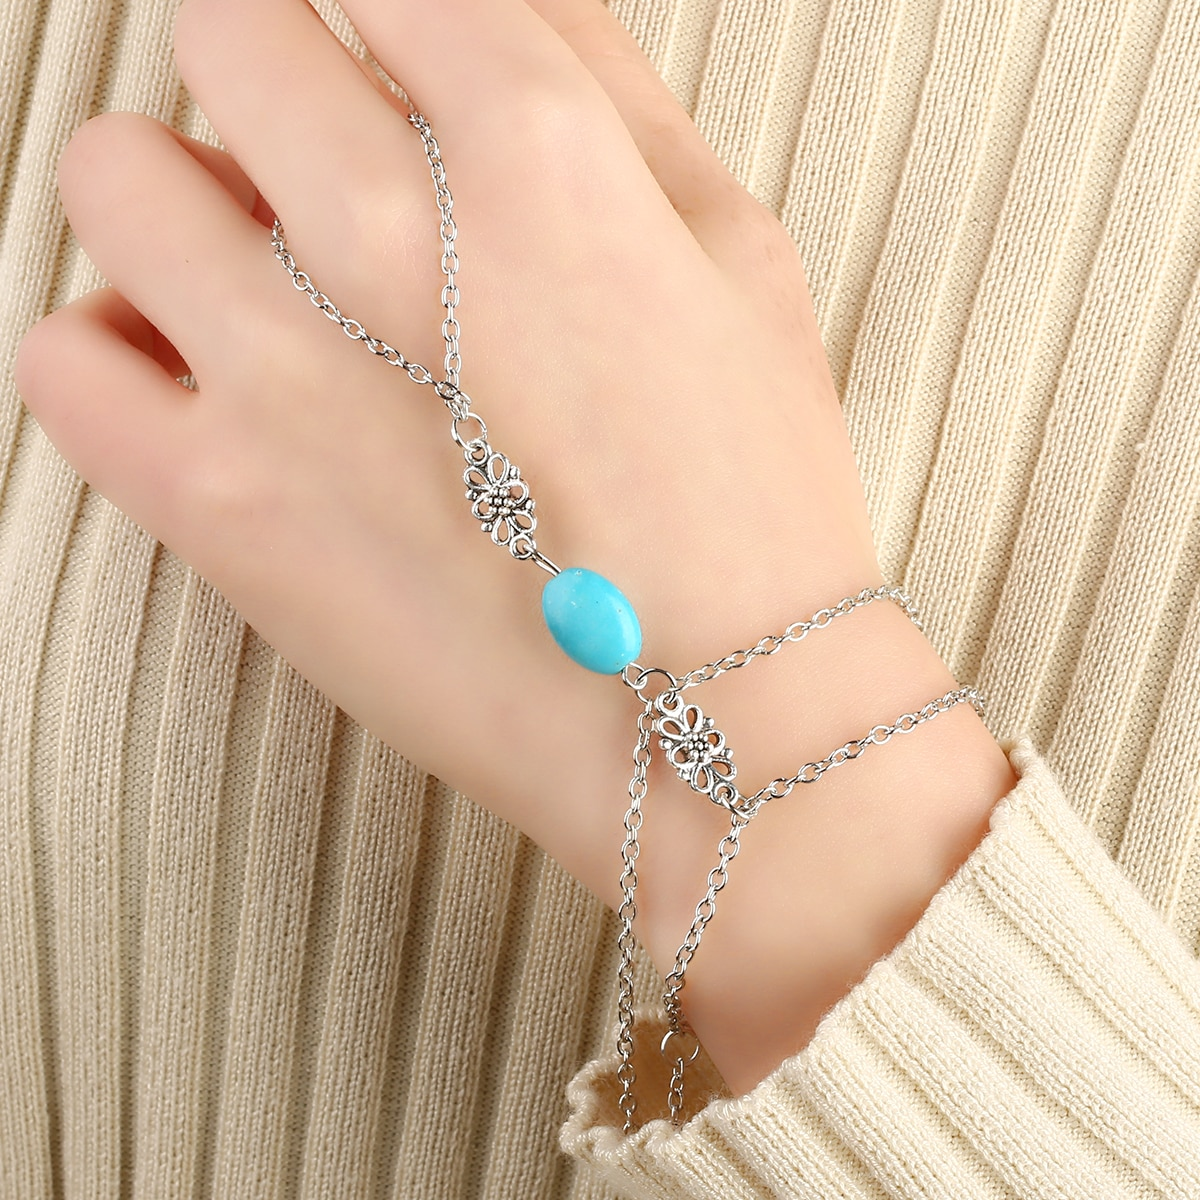 Pulsera de moda estilo bohemio para mujer, pulsera de cadena esclava con cuentas, anillo de dedo de piedra Natural, accesorios de joyería Boho para mujer